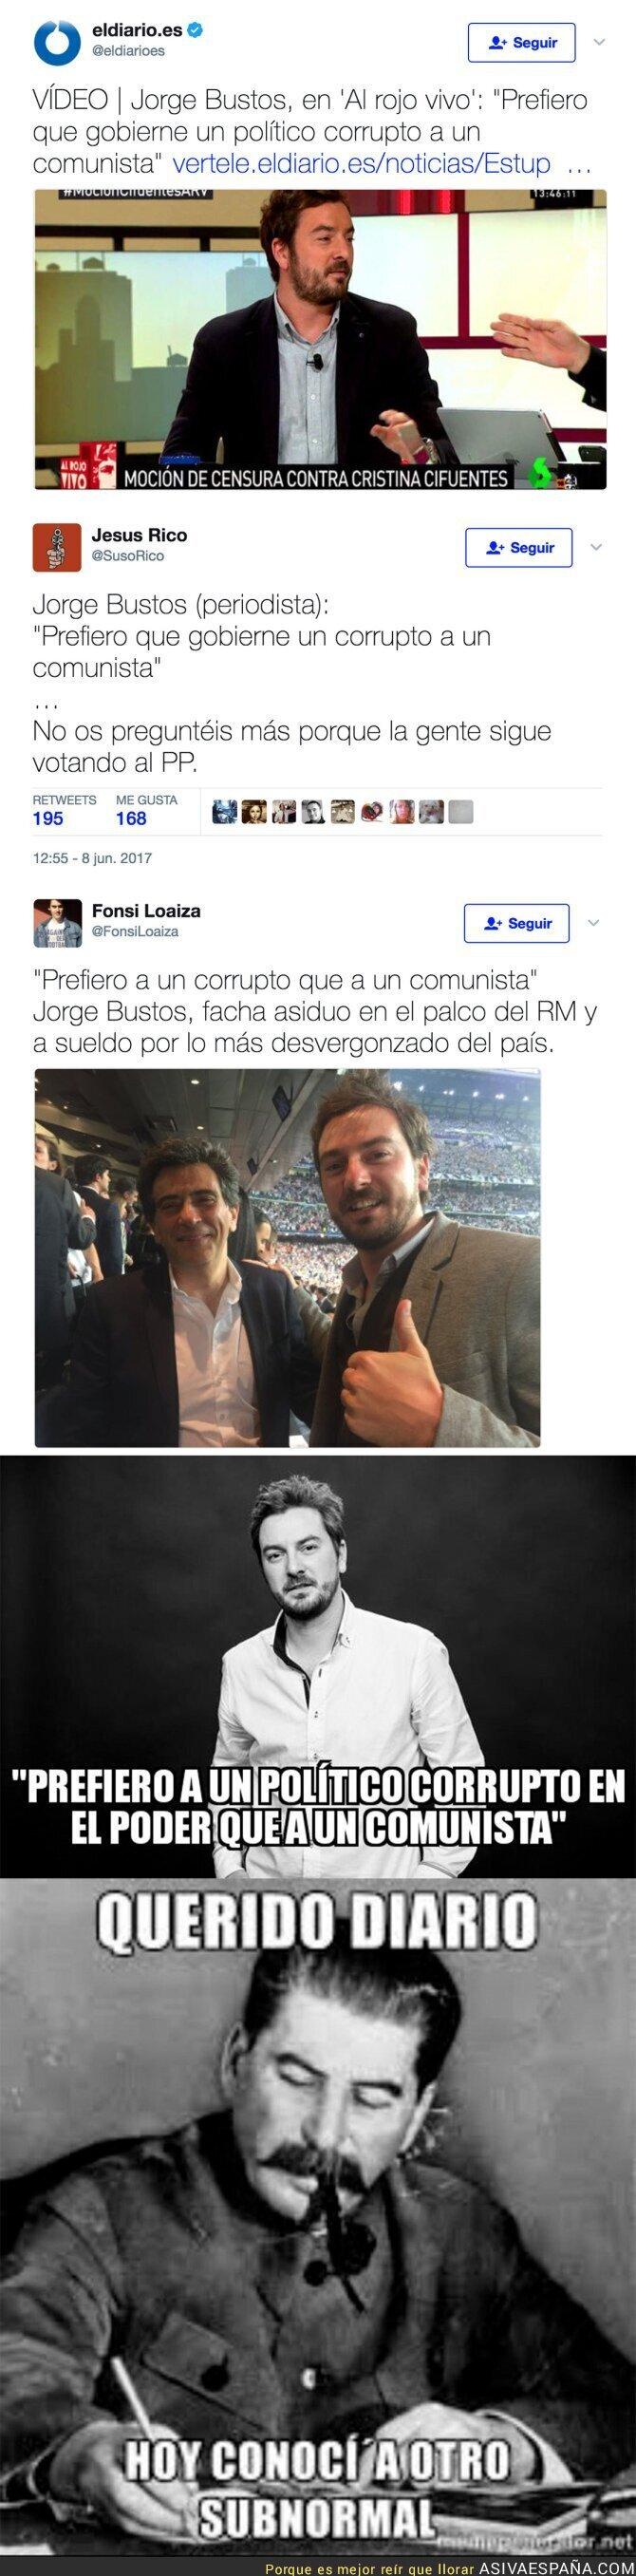 69444 - La polémica frase de Jorge Bustos, periodista de 'El Mundo'